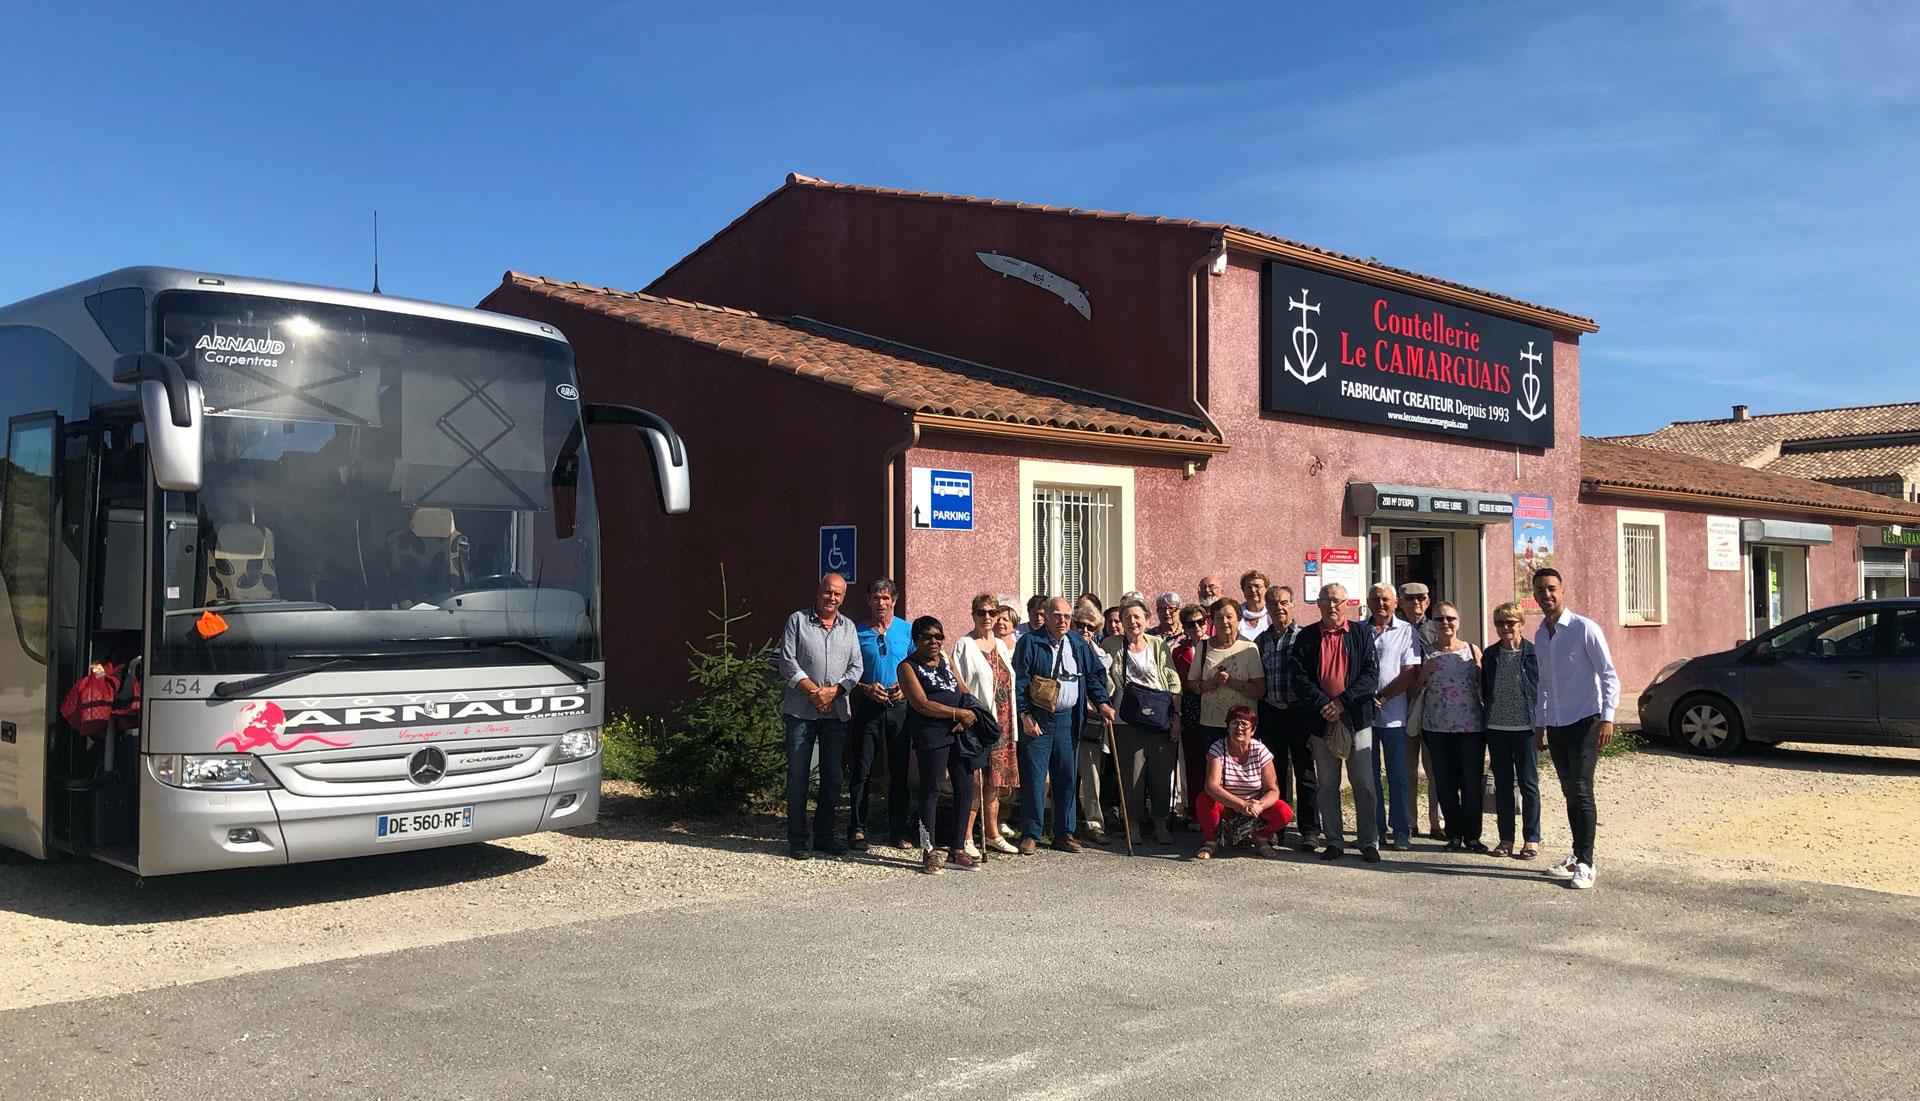 Visites et stages à la Coutellerie Le Camarguais à Nîmes